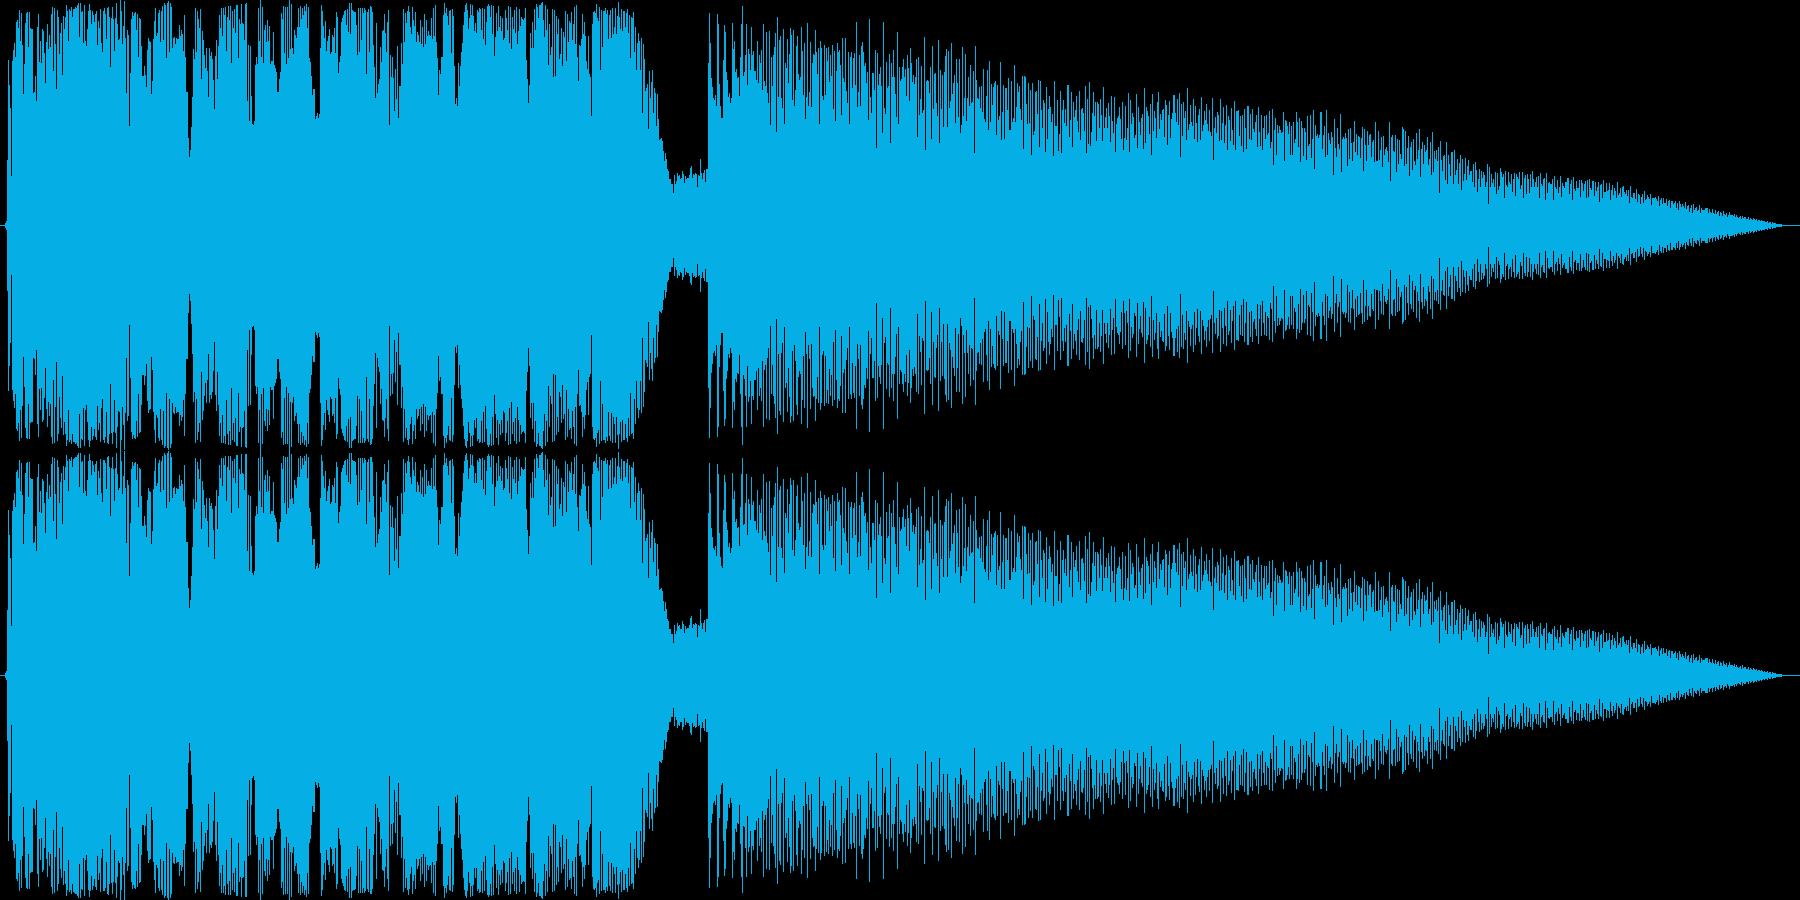 ジングル ロックンロールギターBの再生済みの波形